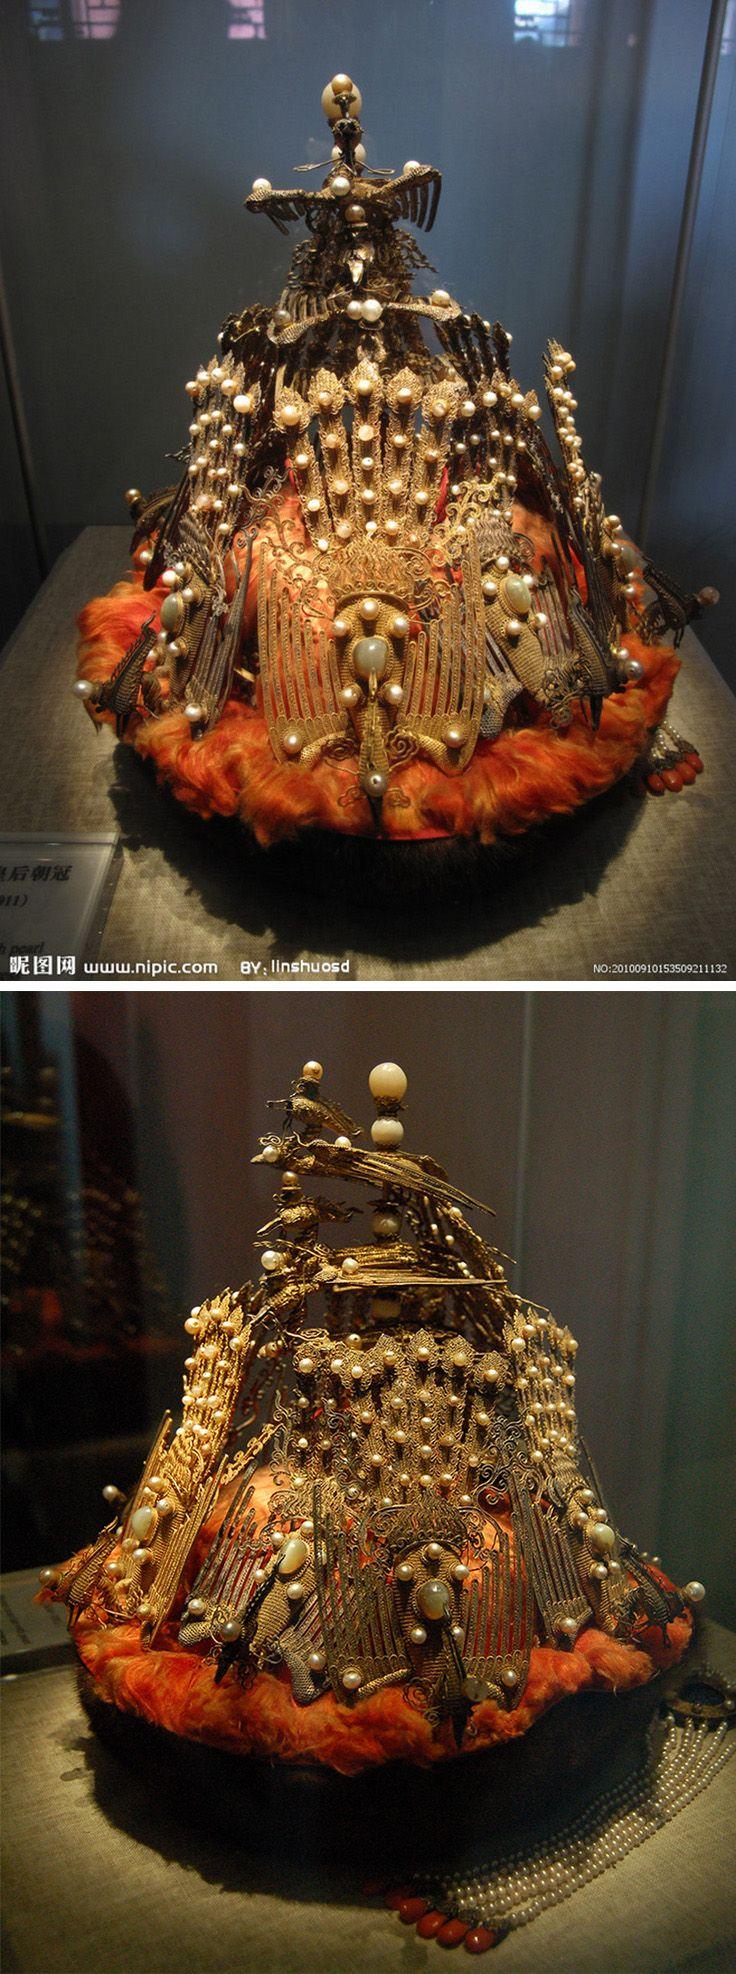 貂皮嵌珠皇后朝冠 Marten court hat with pearl inlay worn by empress 清 Qing Dynasty (1644-1911)